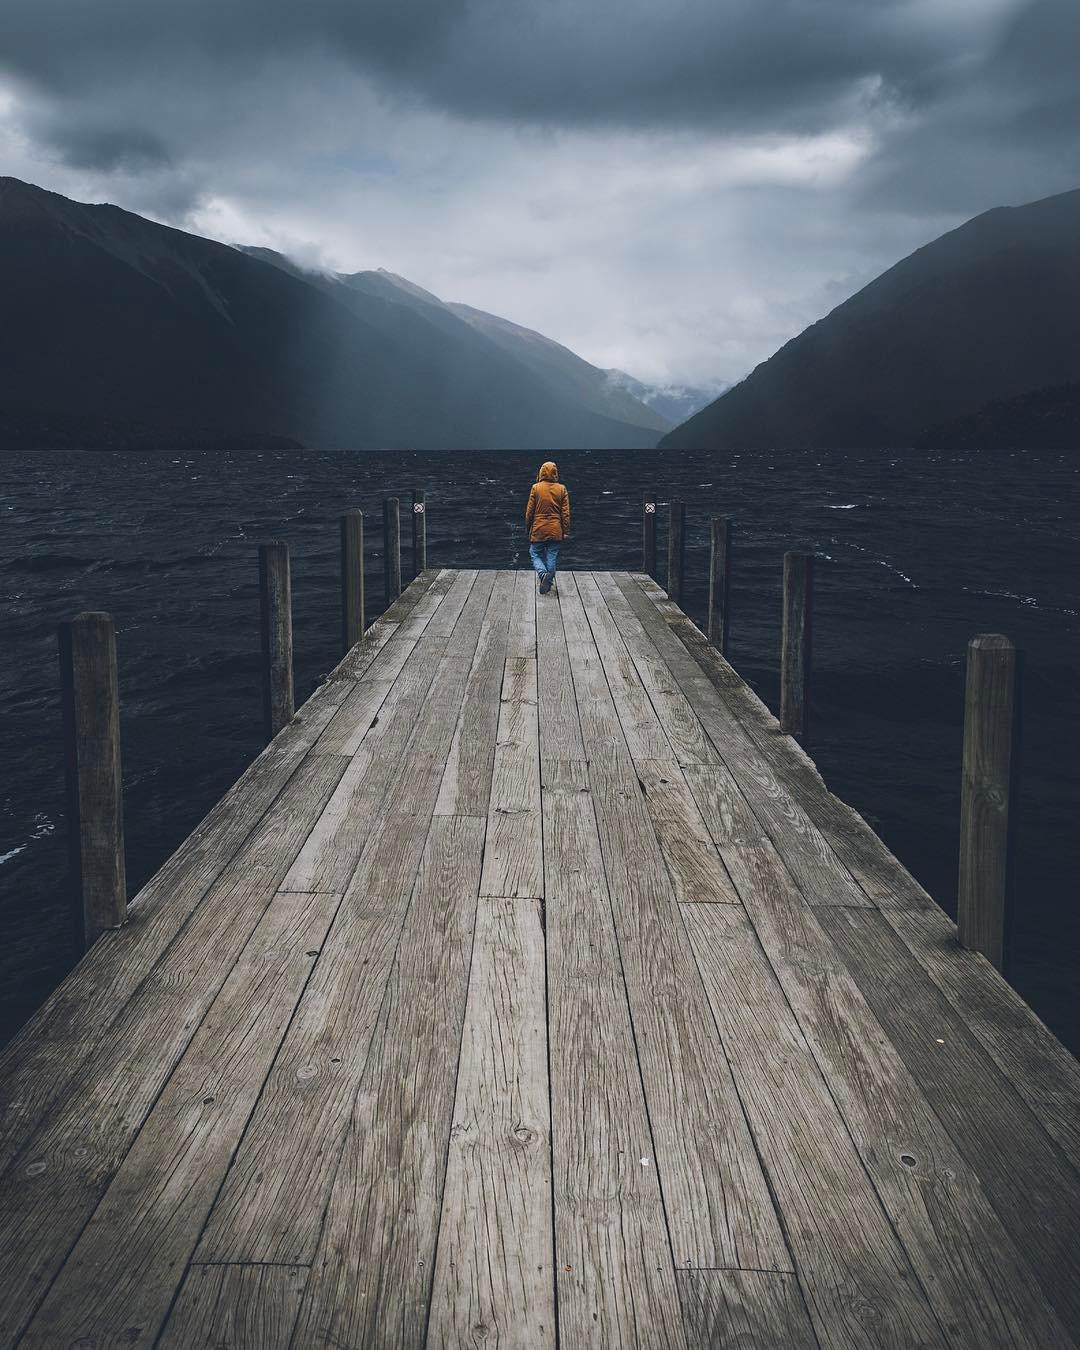 Красивые снимки из путешествий Норы Герлиц